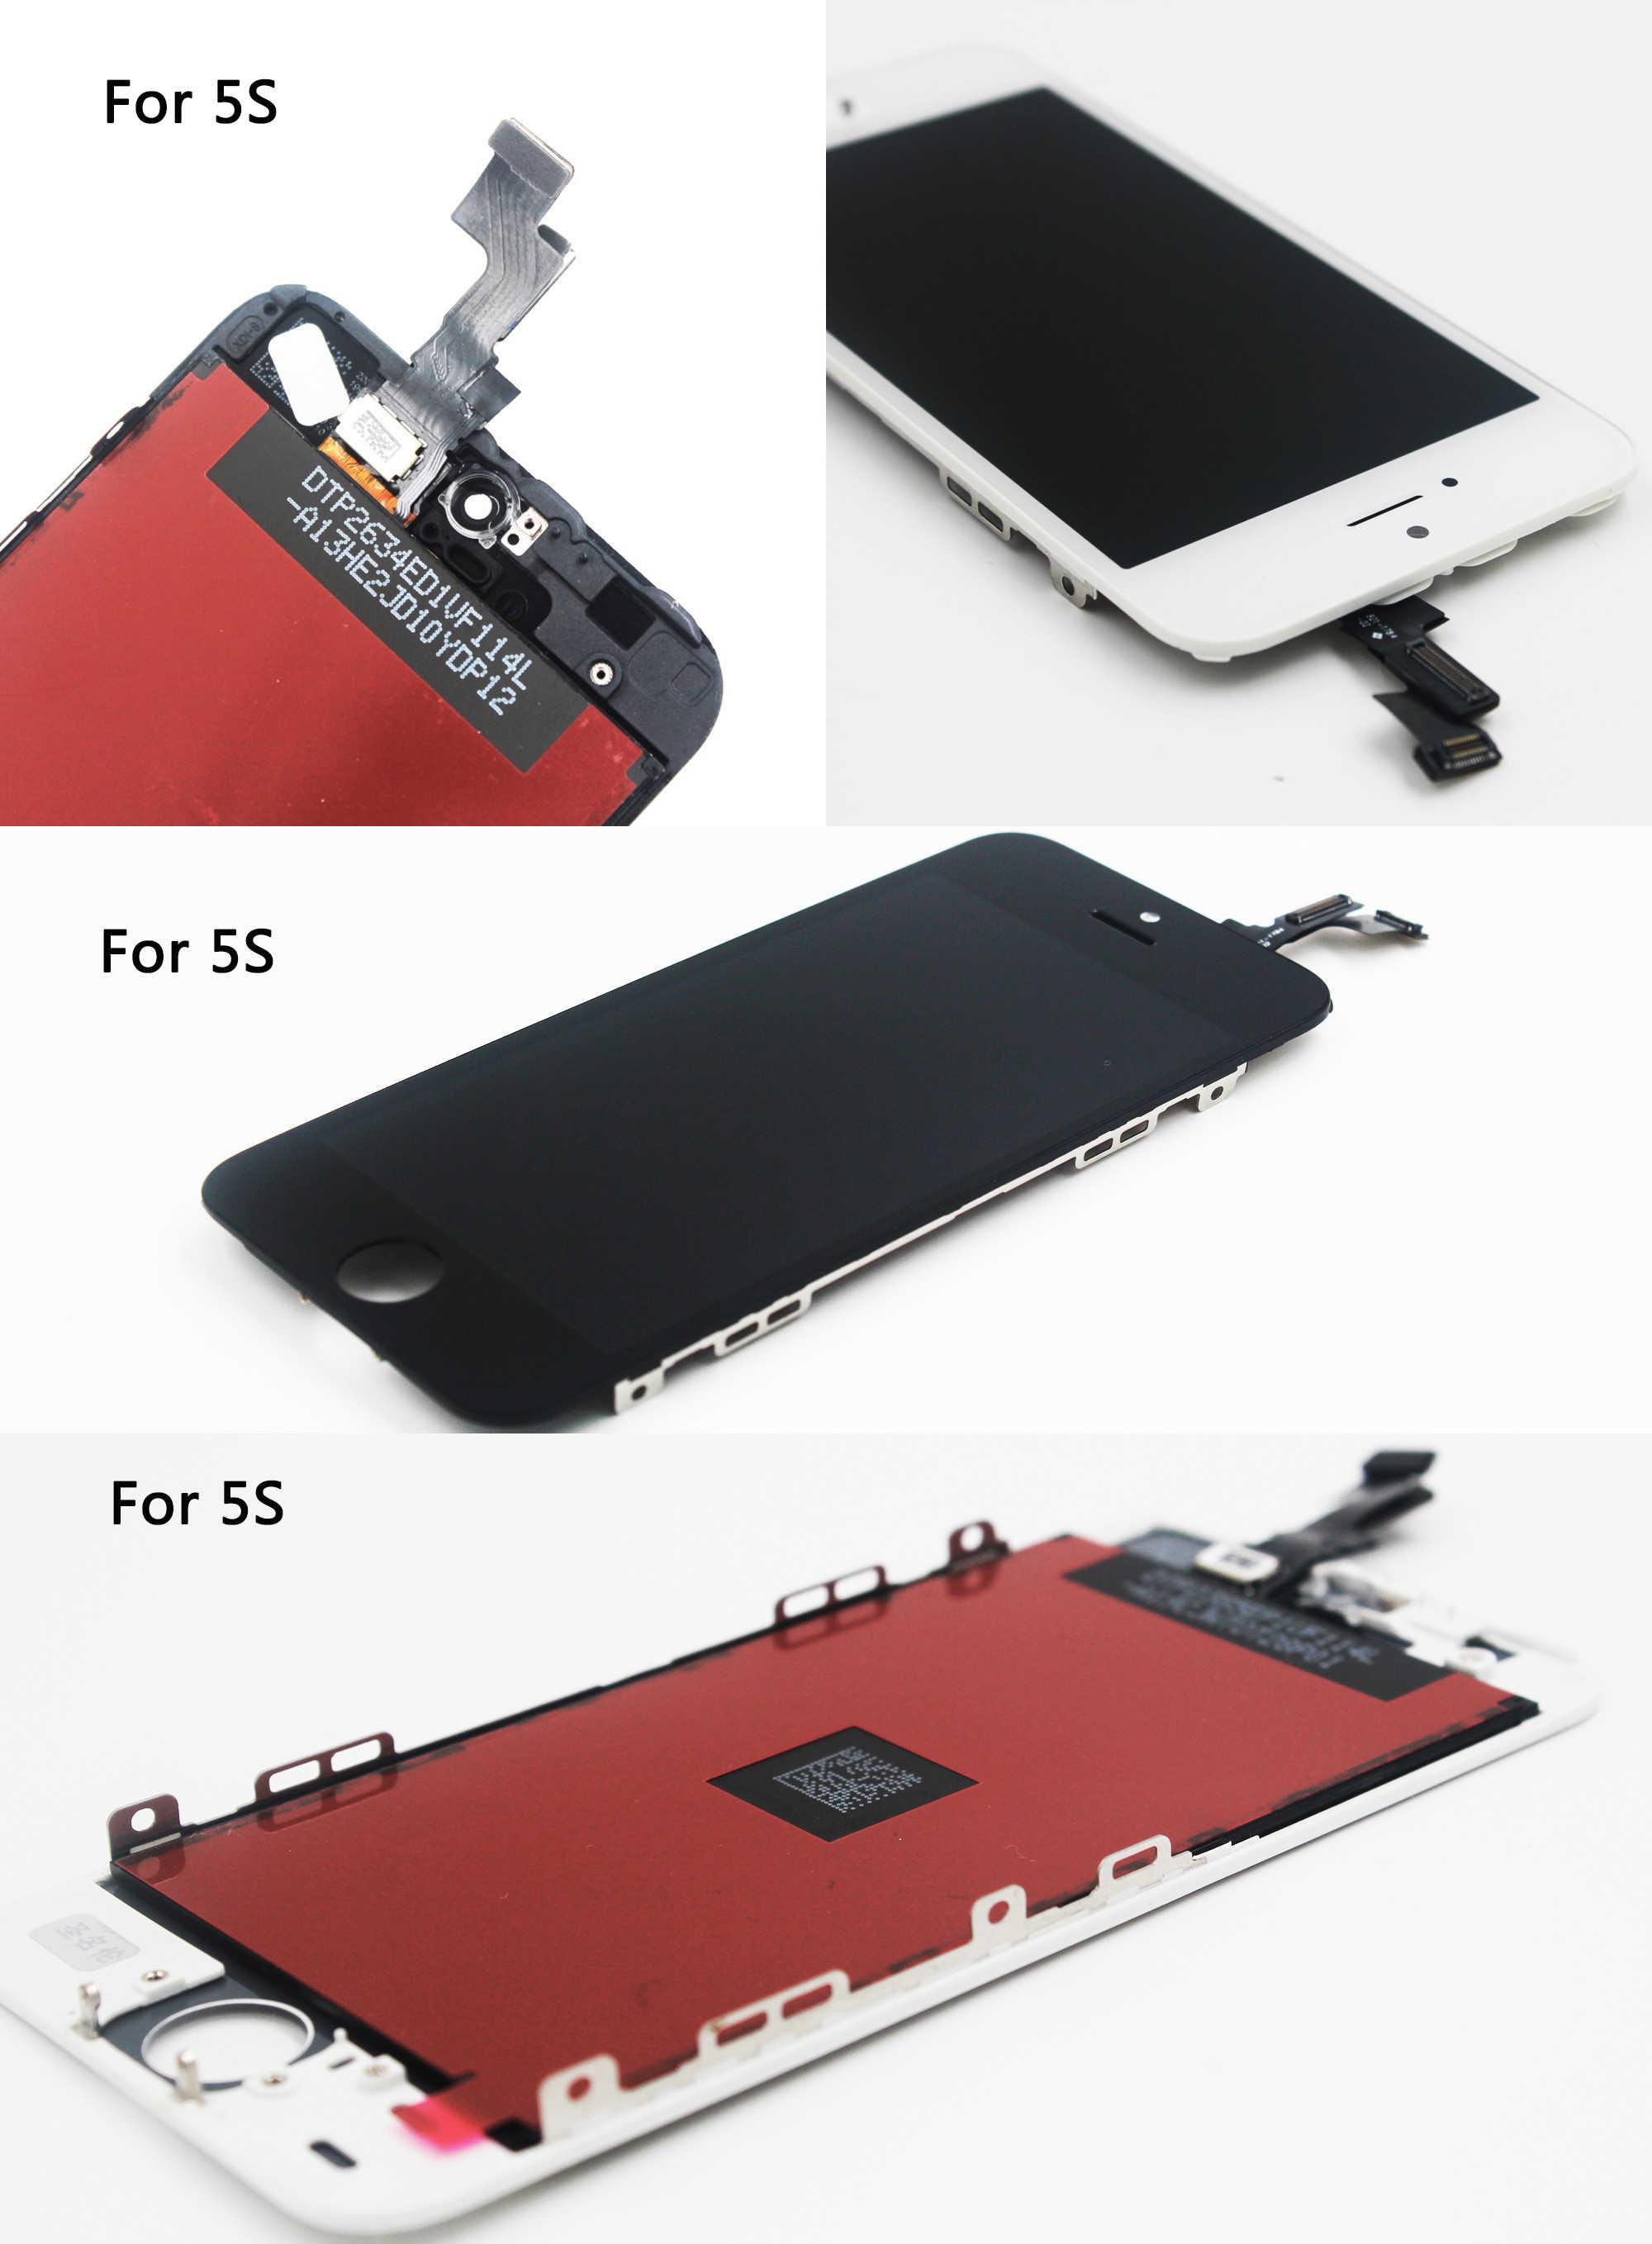 โรงงานขาย LCD สำหรับ iphone 6 จอแสดงผล lcd สำหรับ iphone 5 5c 5s หน้าจอ Lcd Touch Digitizer Assembly Replacement